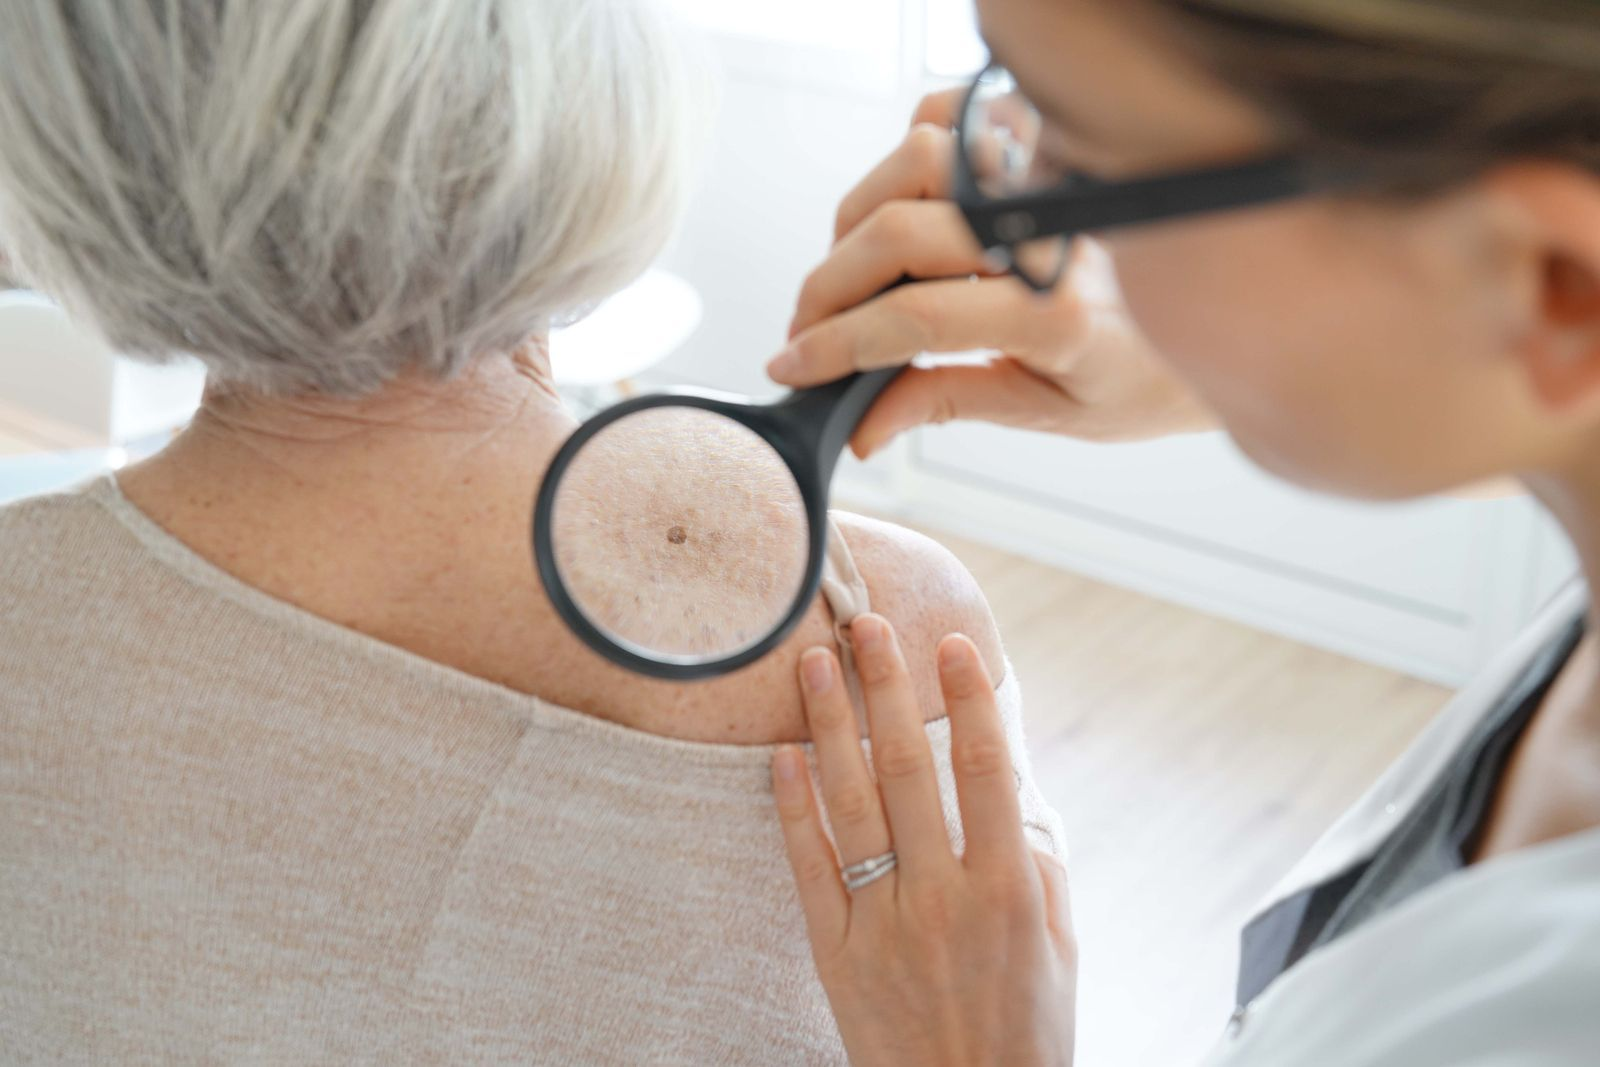 Crecieron 20% las consultas por cáncer de piel: cómo cuidarse del sol